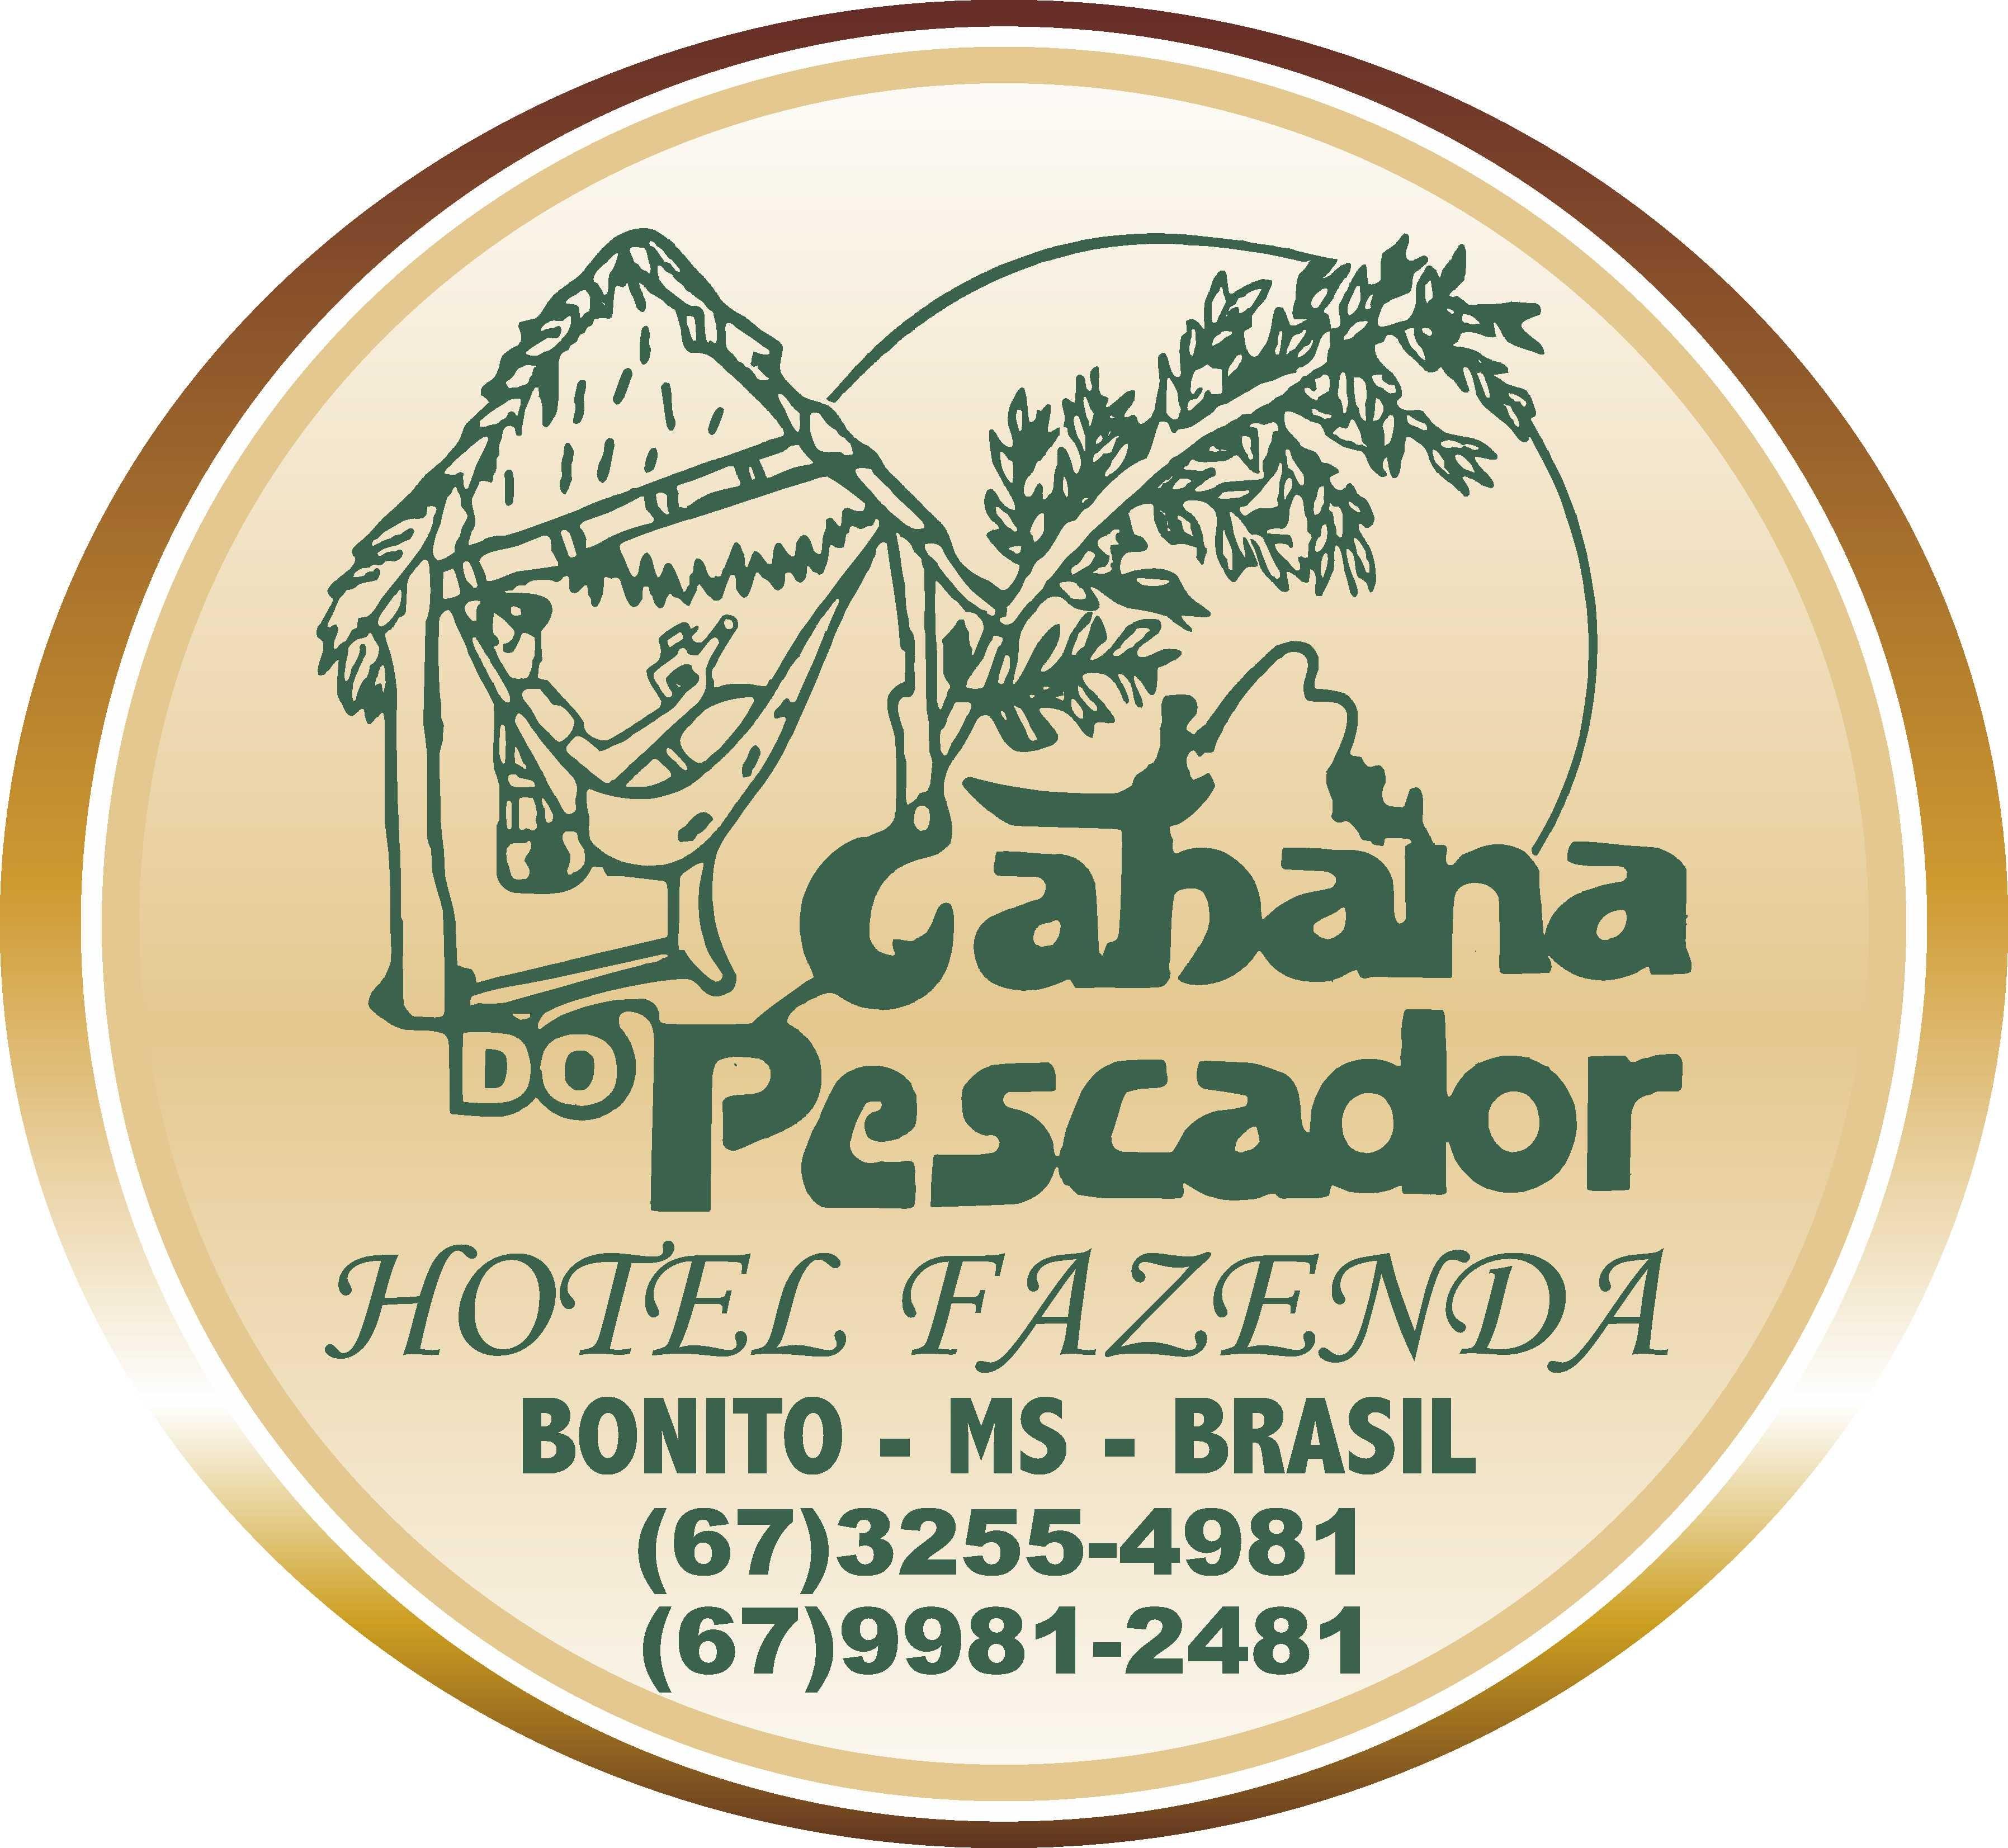 Hotel Fazenda Cabana do Pescador